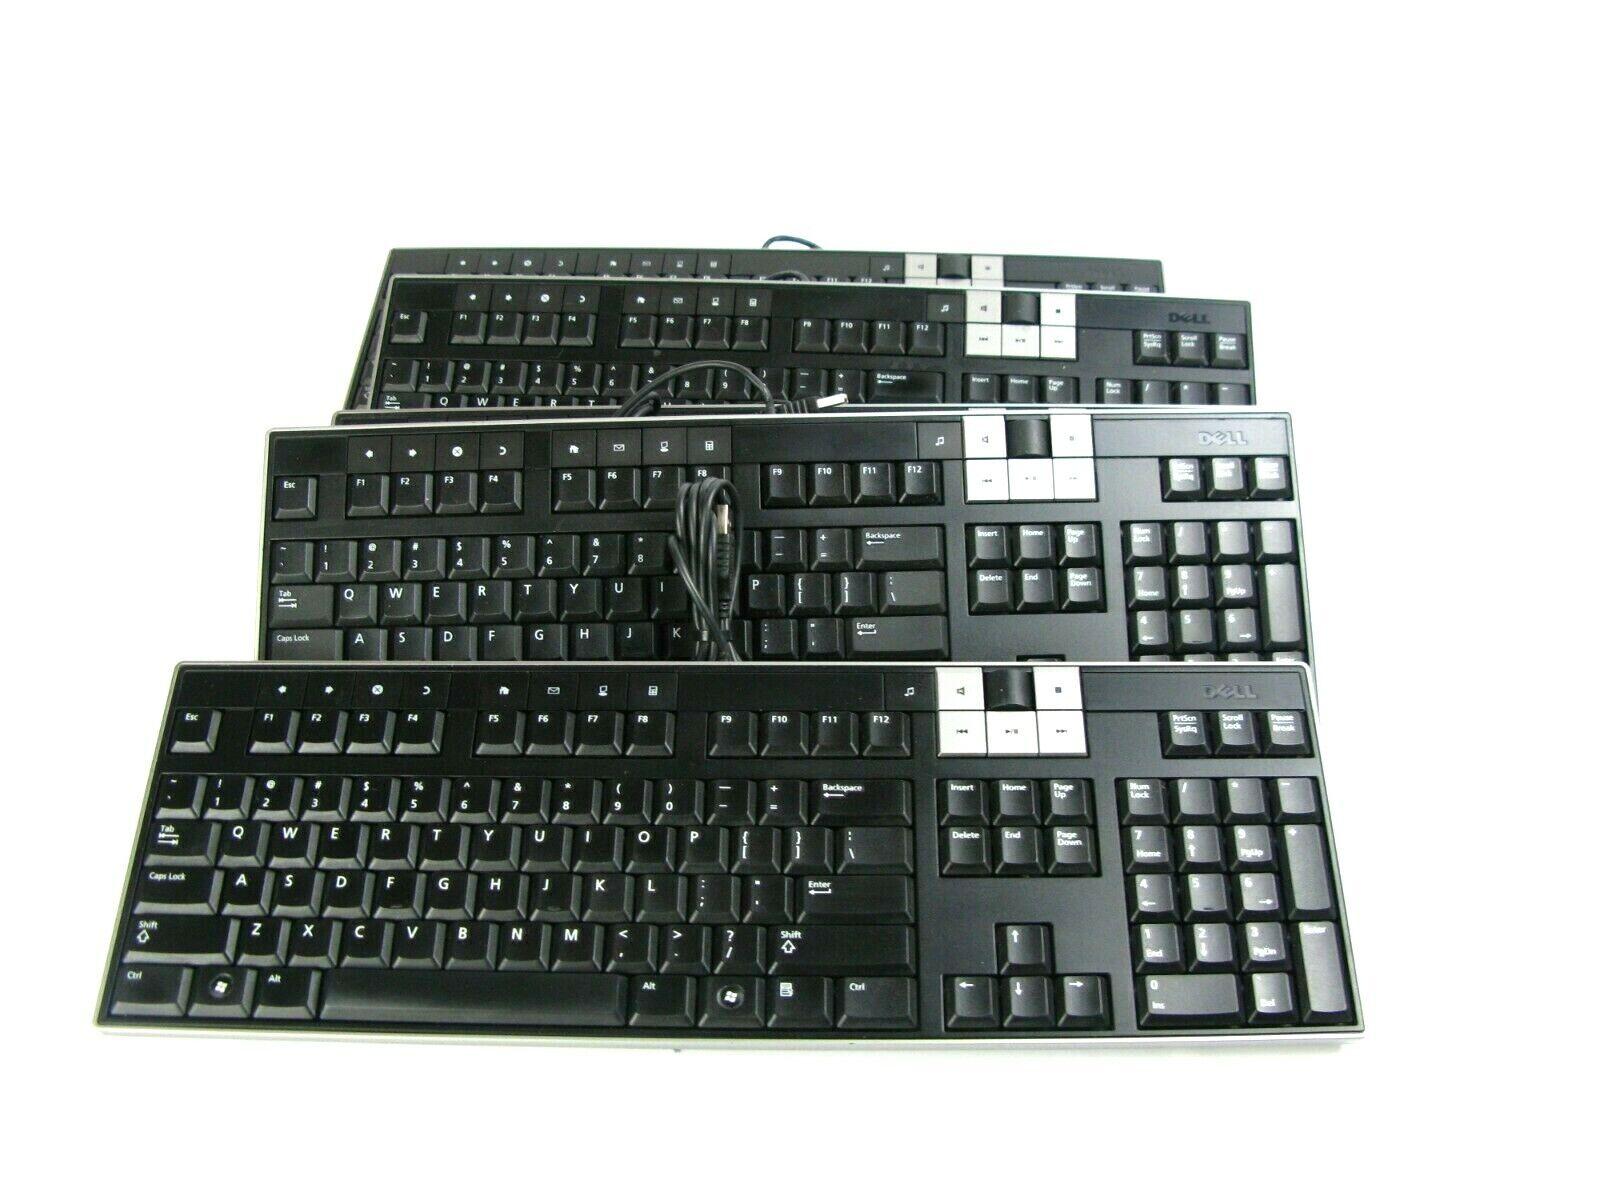 Dell Y-U0003-DEL5 U473D Enhanced Multimedia USB Keyboard 2 USB Ports (Lot of 5). Buy it now for 25.00